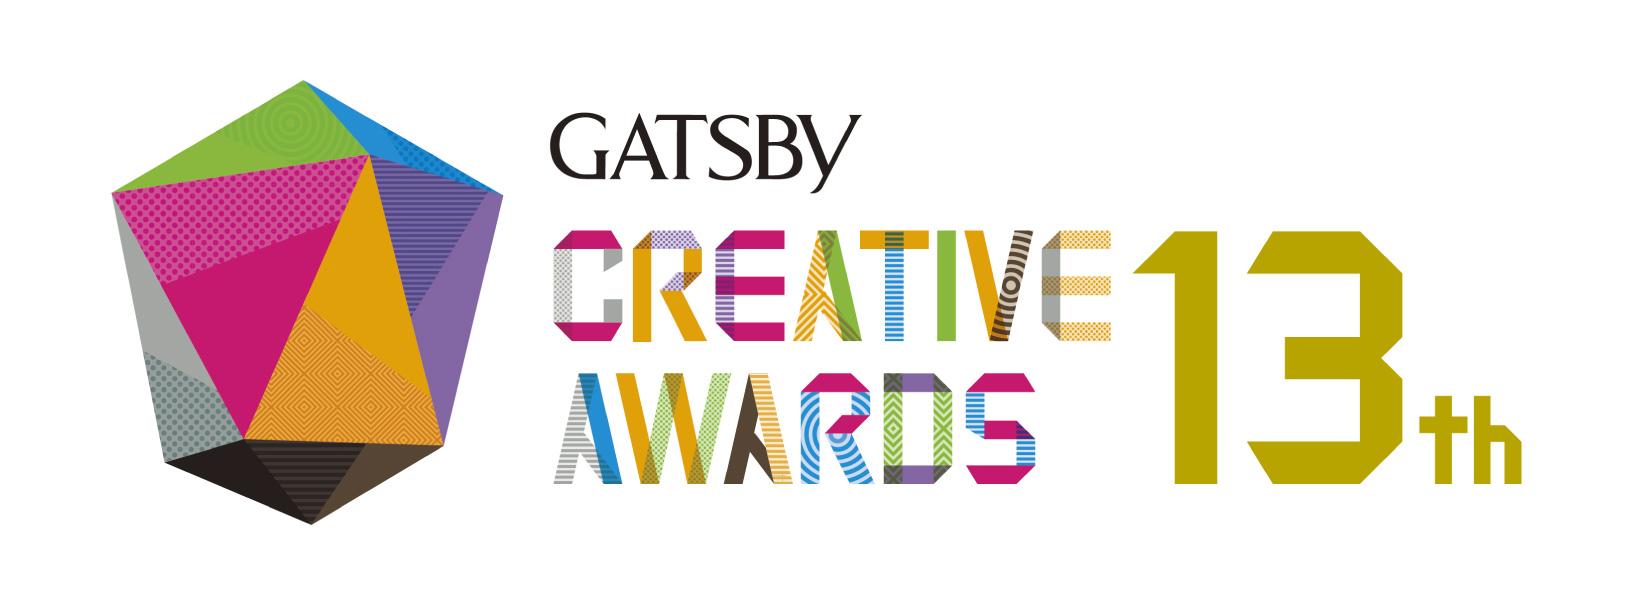 アジア最大級のクリエイティブアワード「GATSBY CREATIVE AWARDS 13th」作品受付開始!